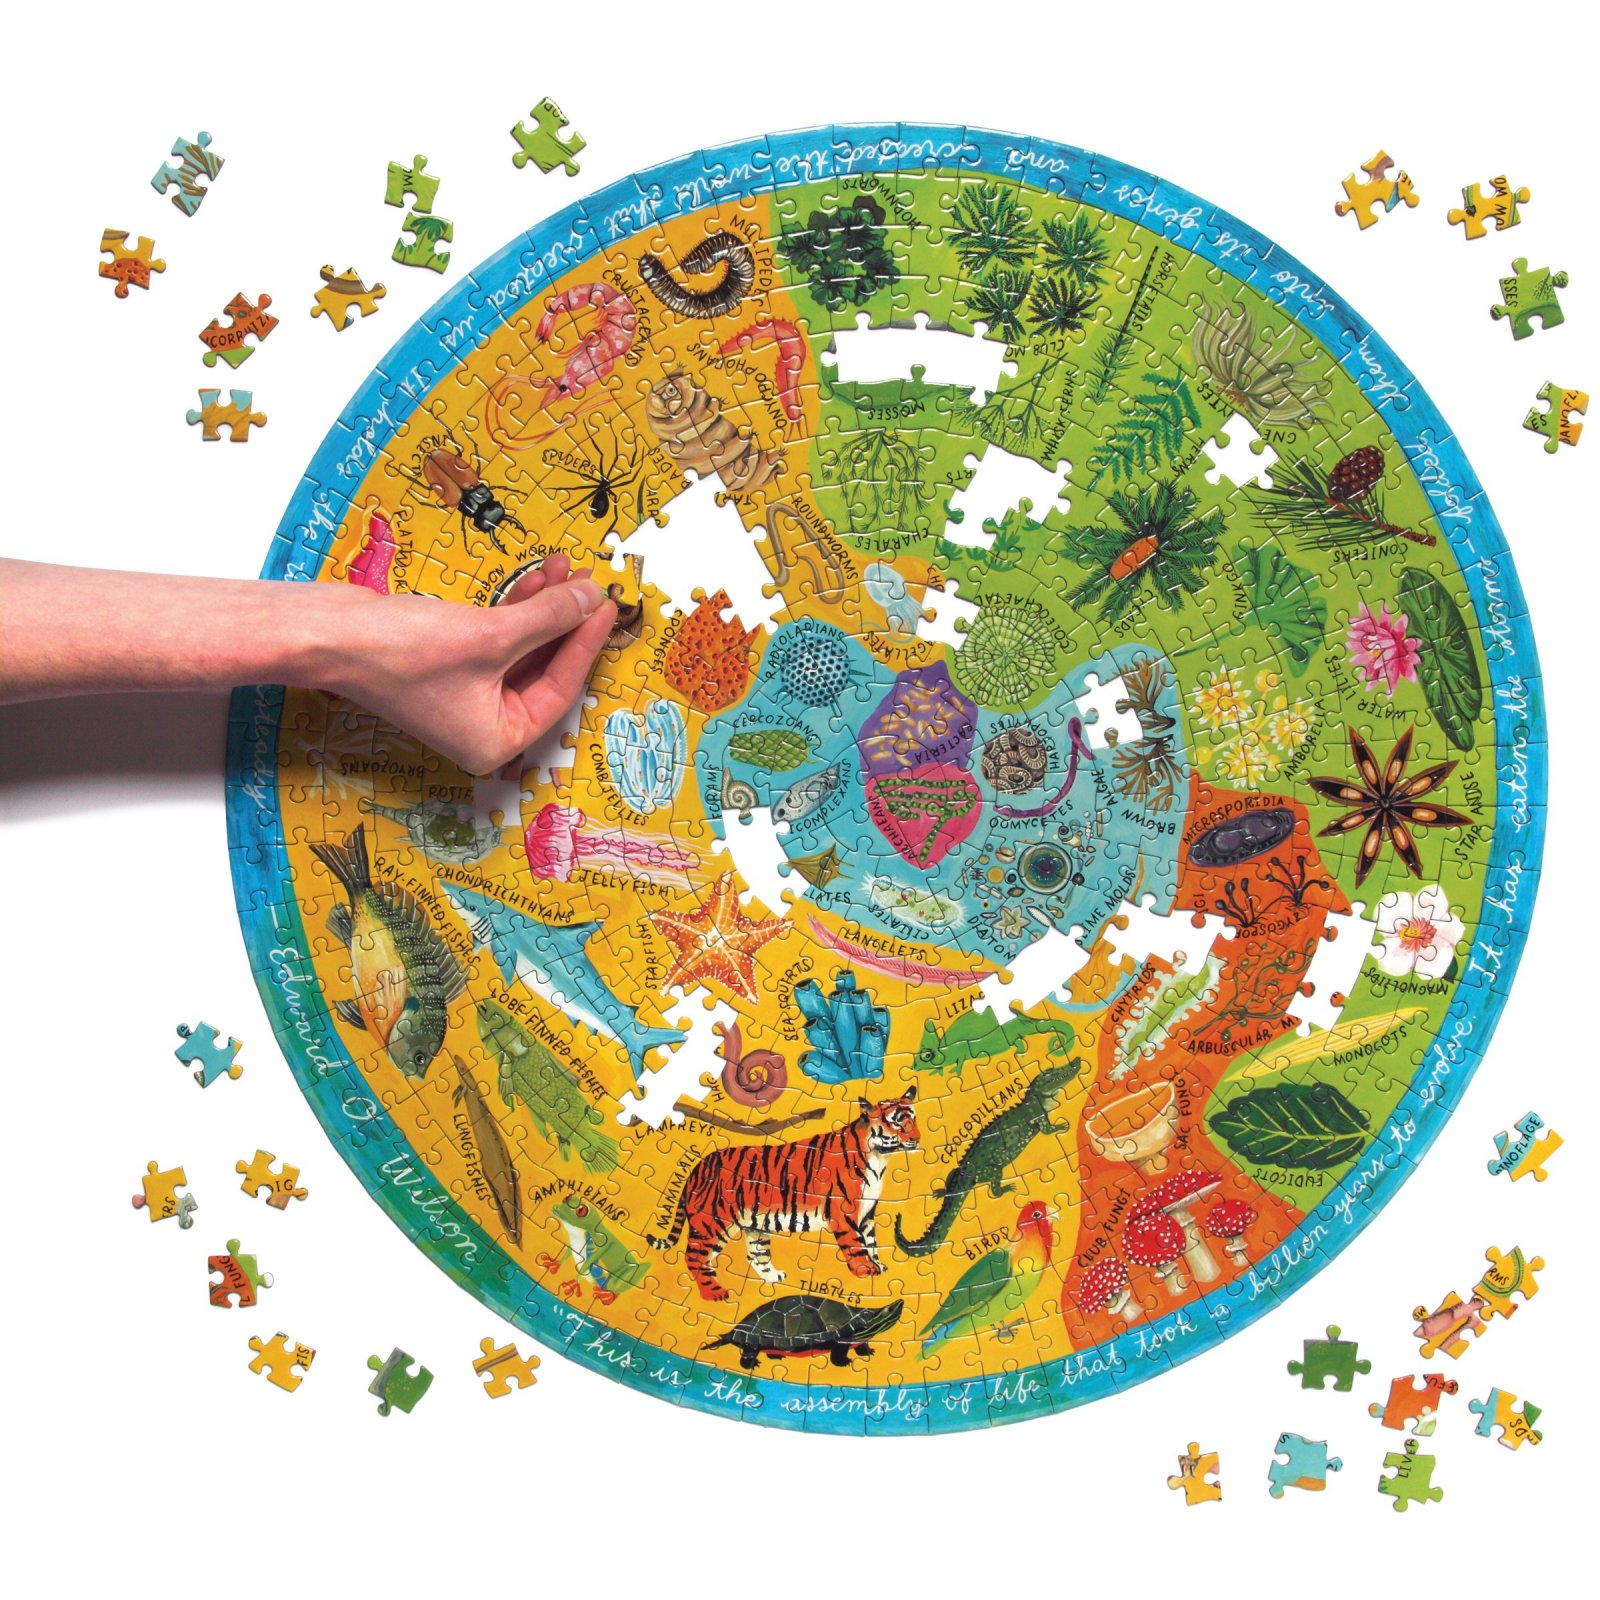 Biodiversity 500 Piece Puzzle by Eeboo